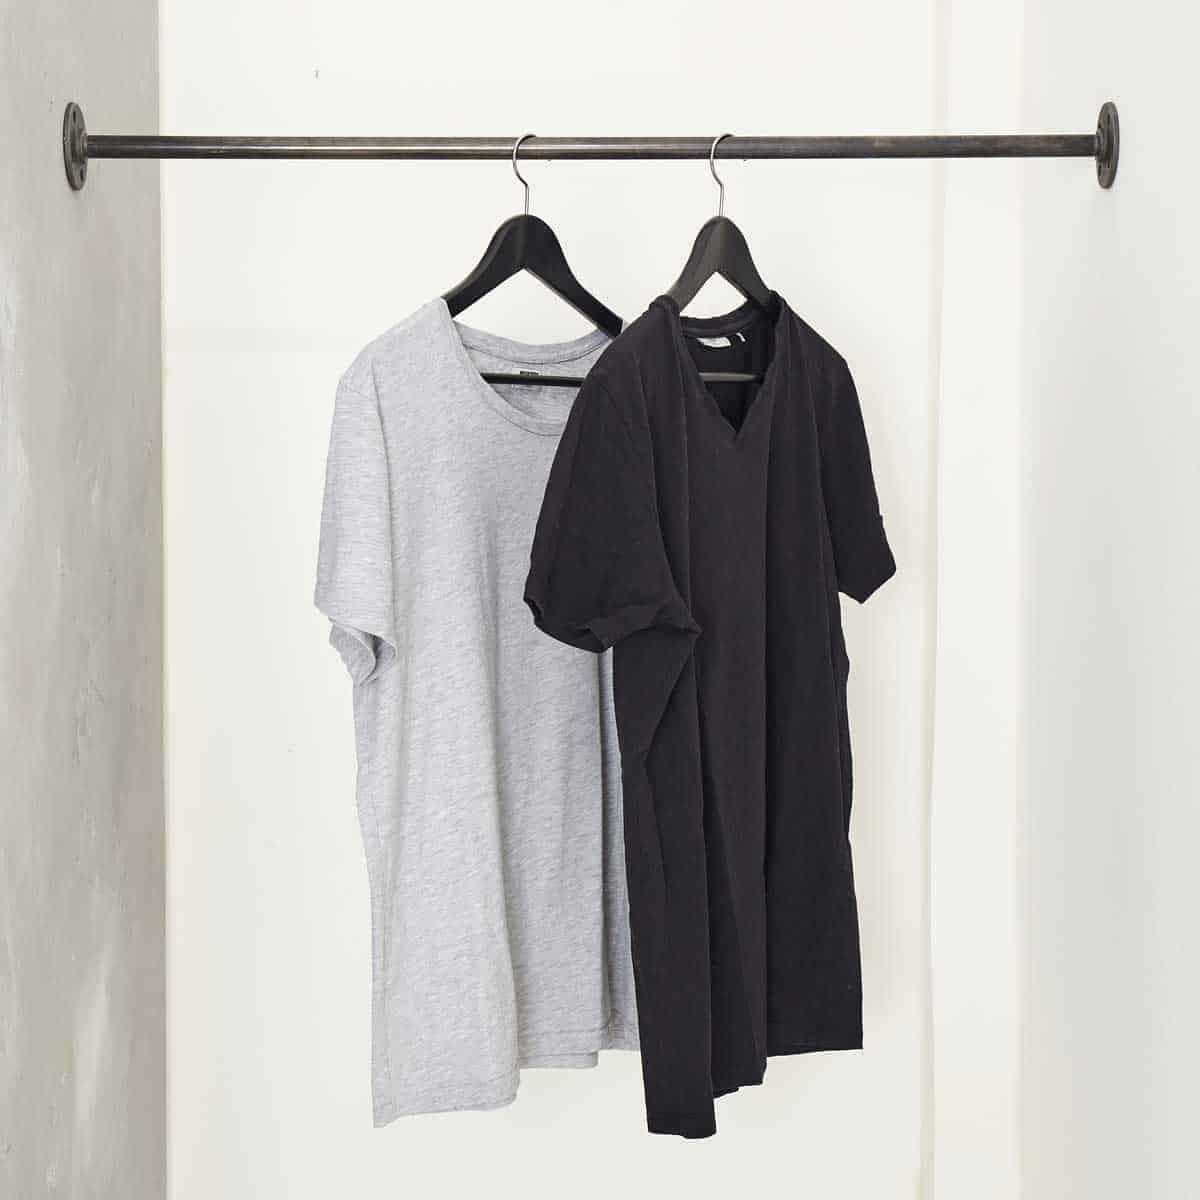 Berühmt Kleiderstange Industrial Design zwischen zwei Wänden & in der Nische AL36